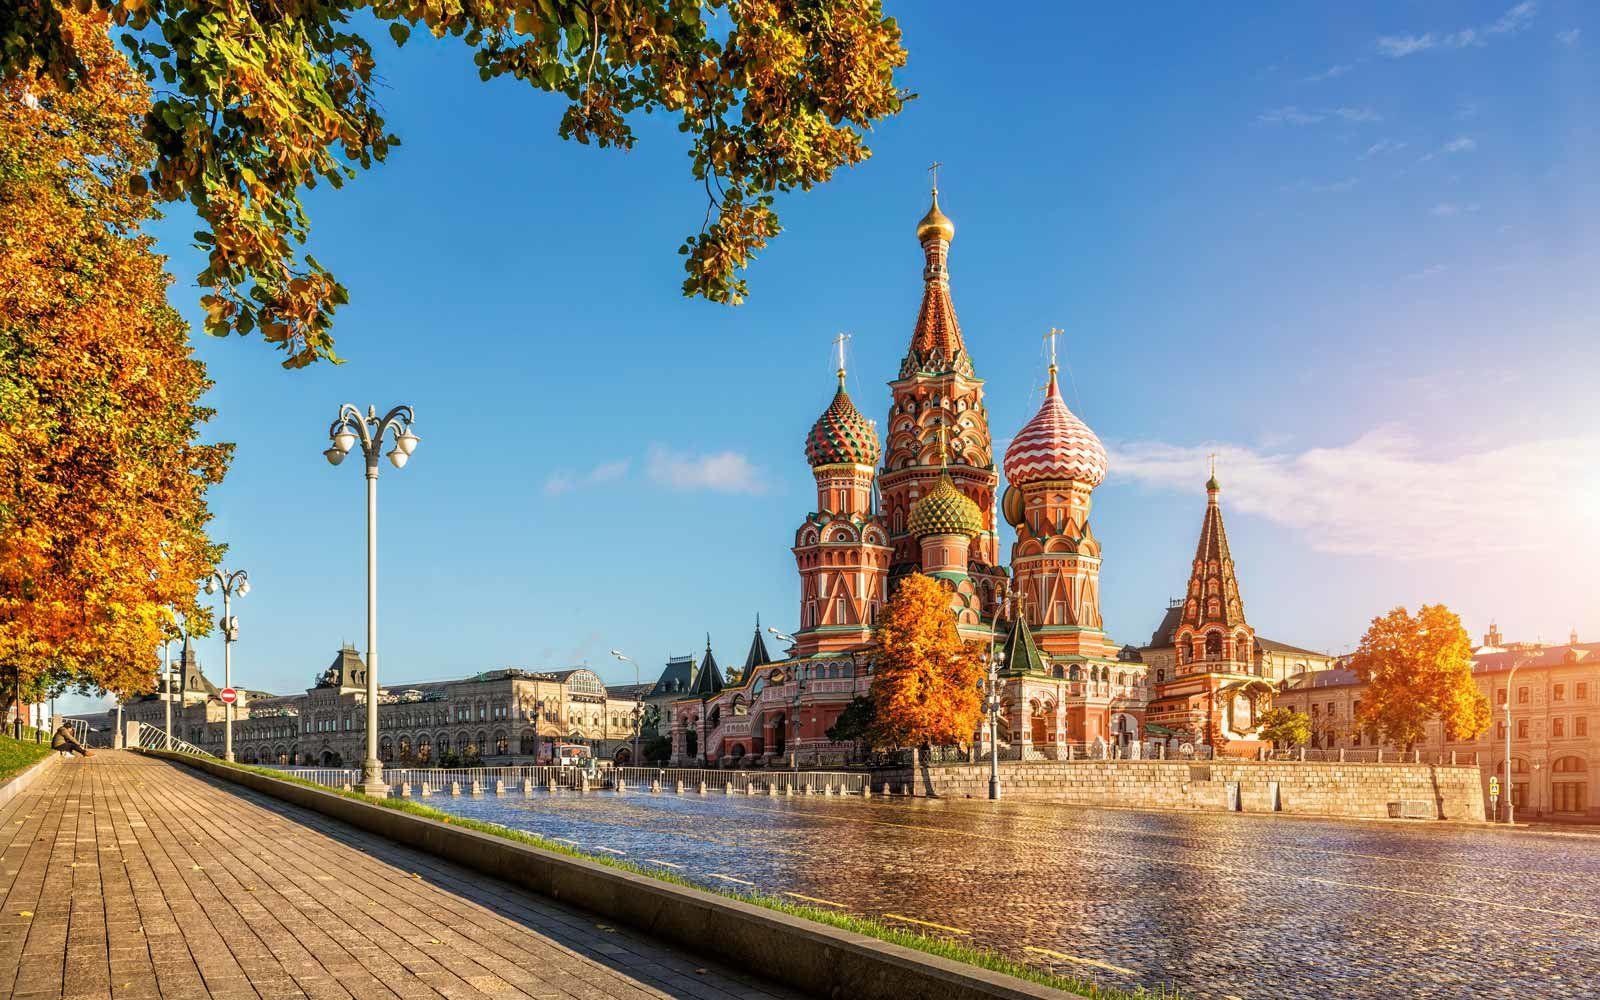 Nước Nga đã vào thu với sắc vàng đẹp say đắm lòng người, xách vali lên và đi du học thôi! - Ảnh 20.